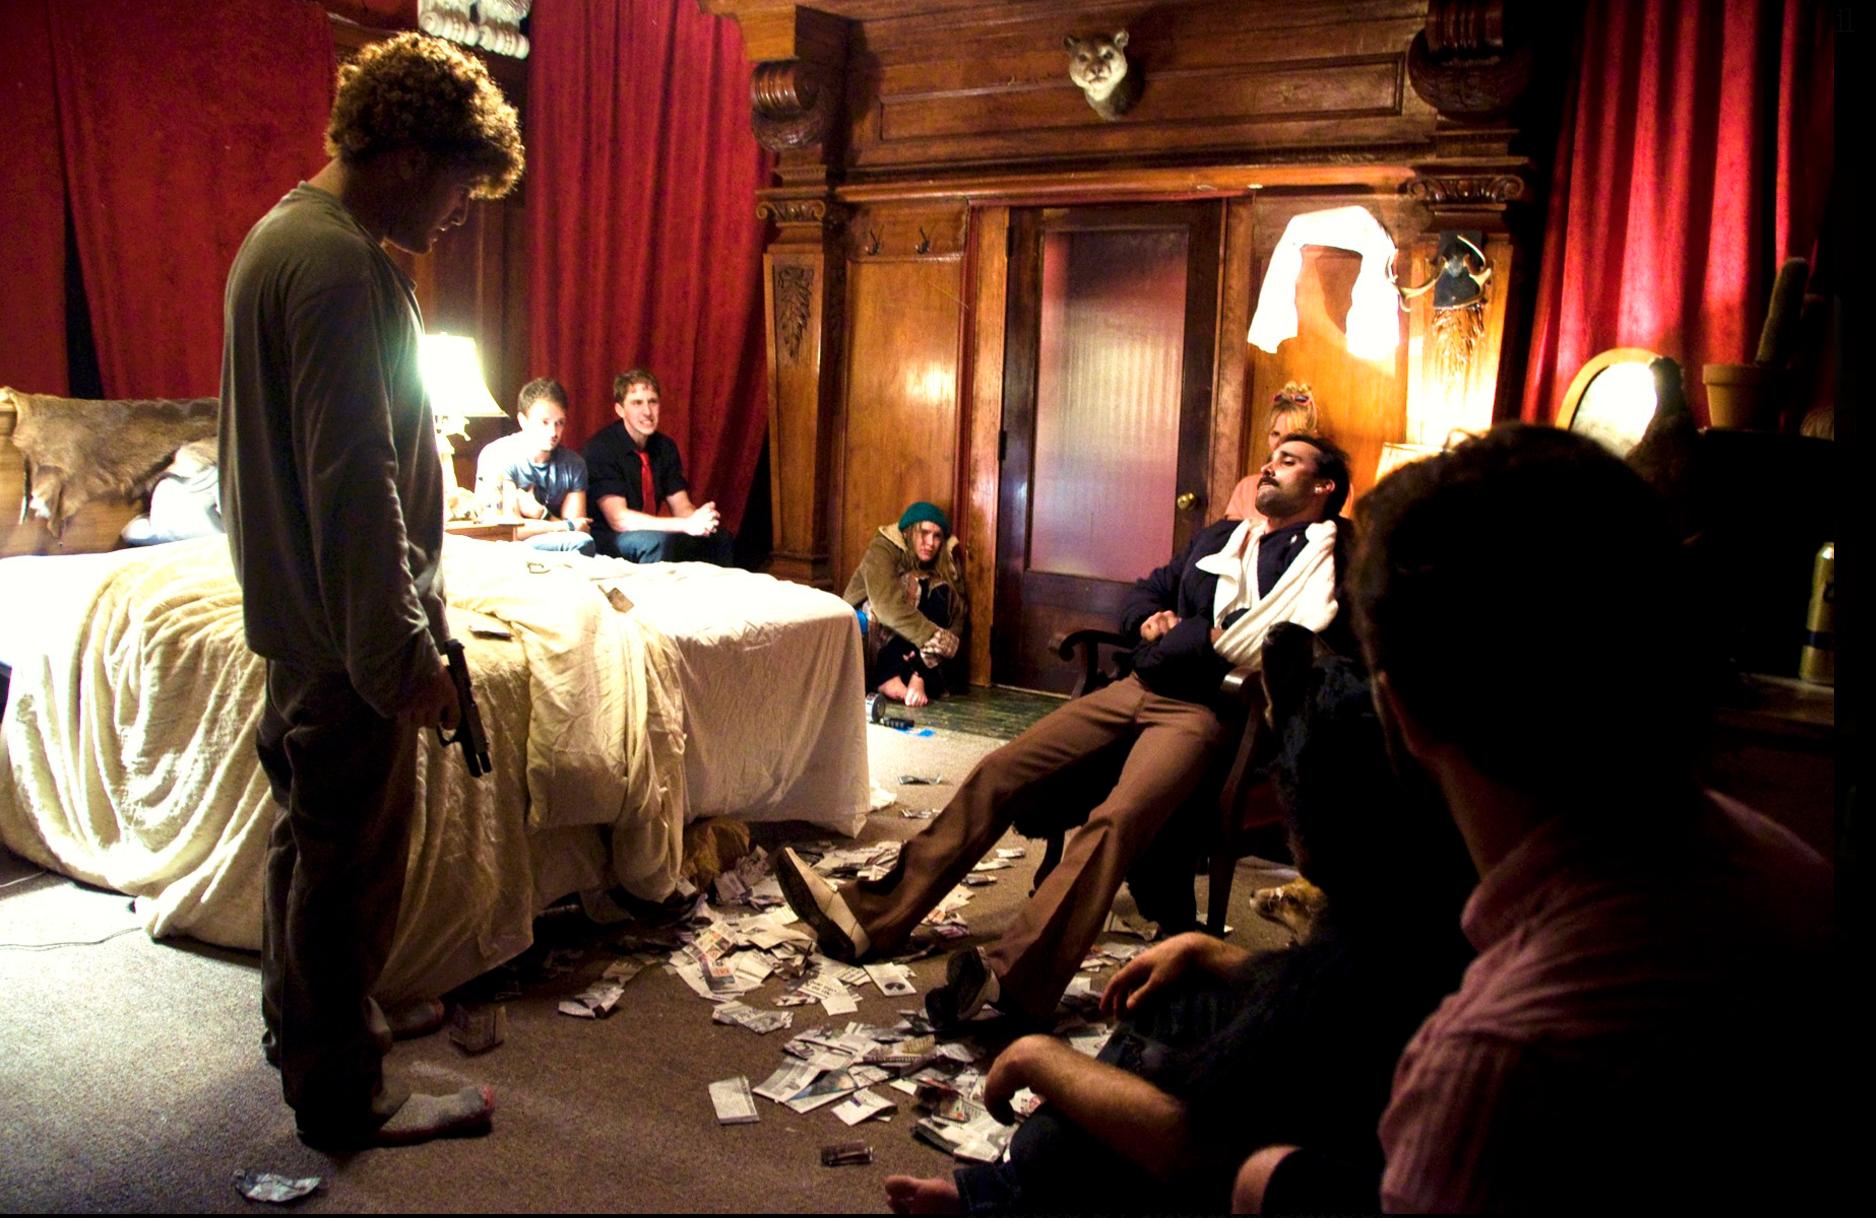 HotelMotel by Derek Ahonen and Adam Rapp